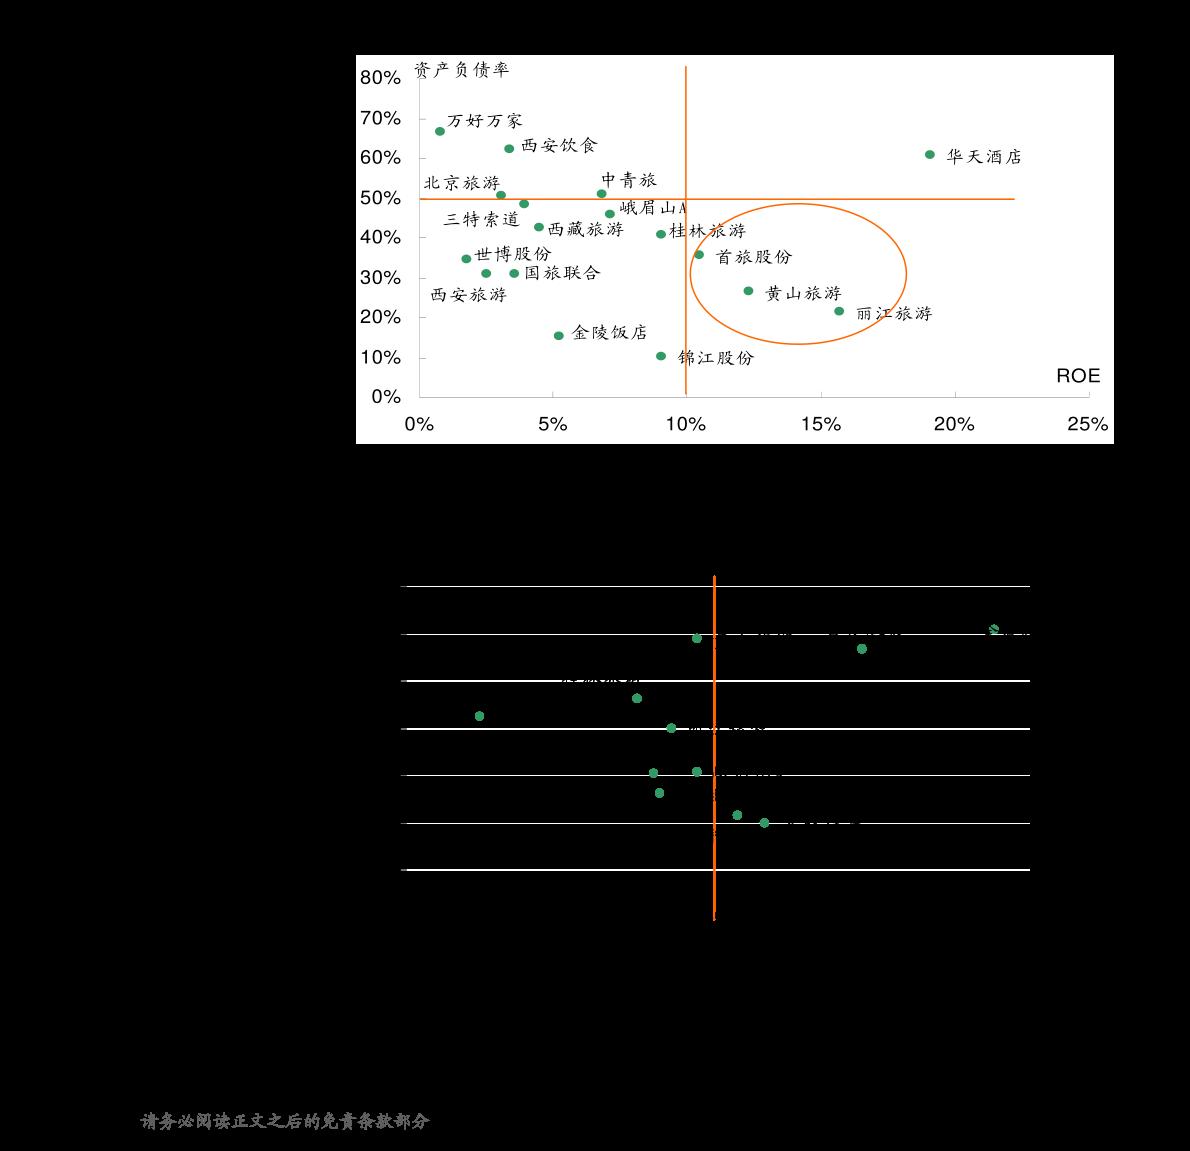 东北beplay体育彩票-医药行业2021年投资策略:后疫情时代医药行业投资机遇-201030